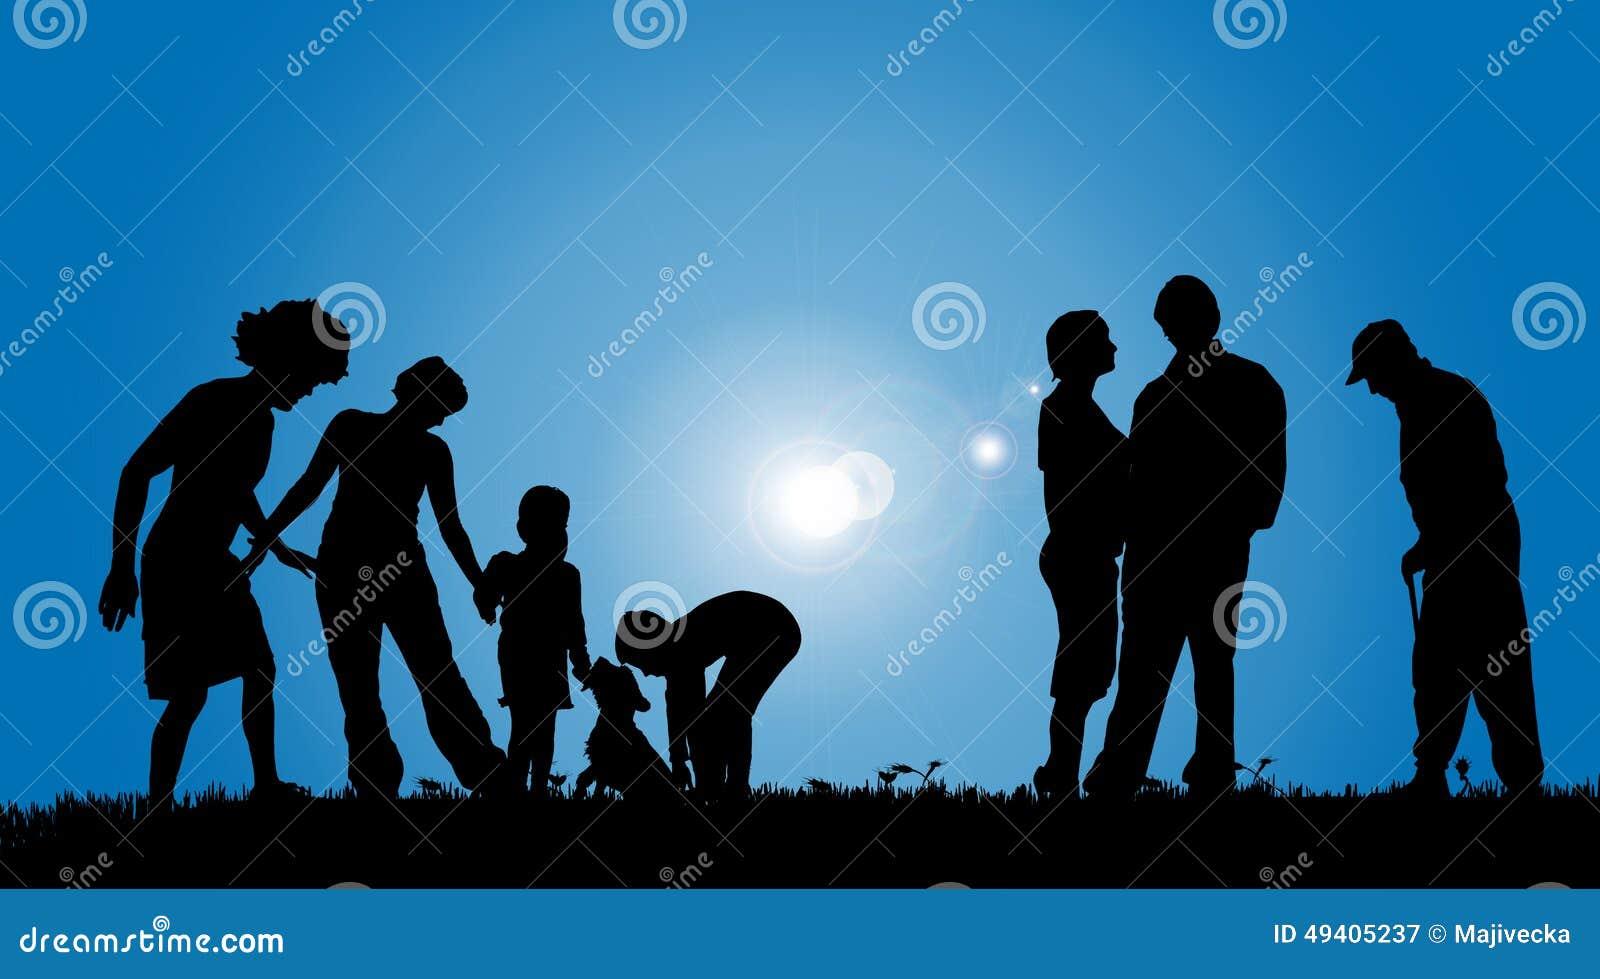 Download Vektorschattenbilder Von Leuten Vektor Abbildung - Illustration von erzeugung, gras: 49405237